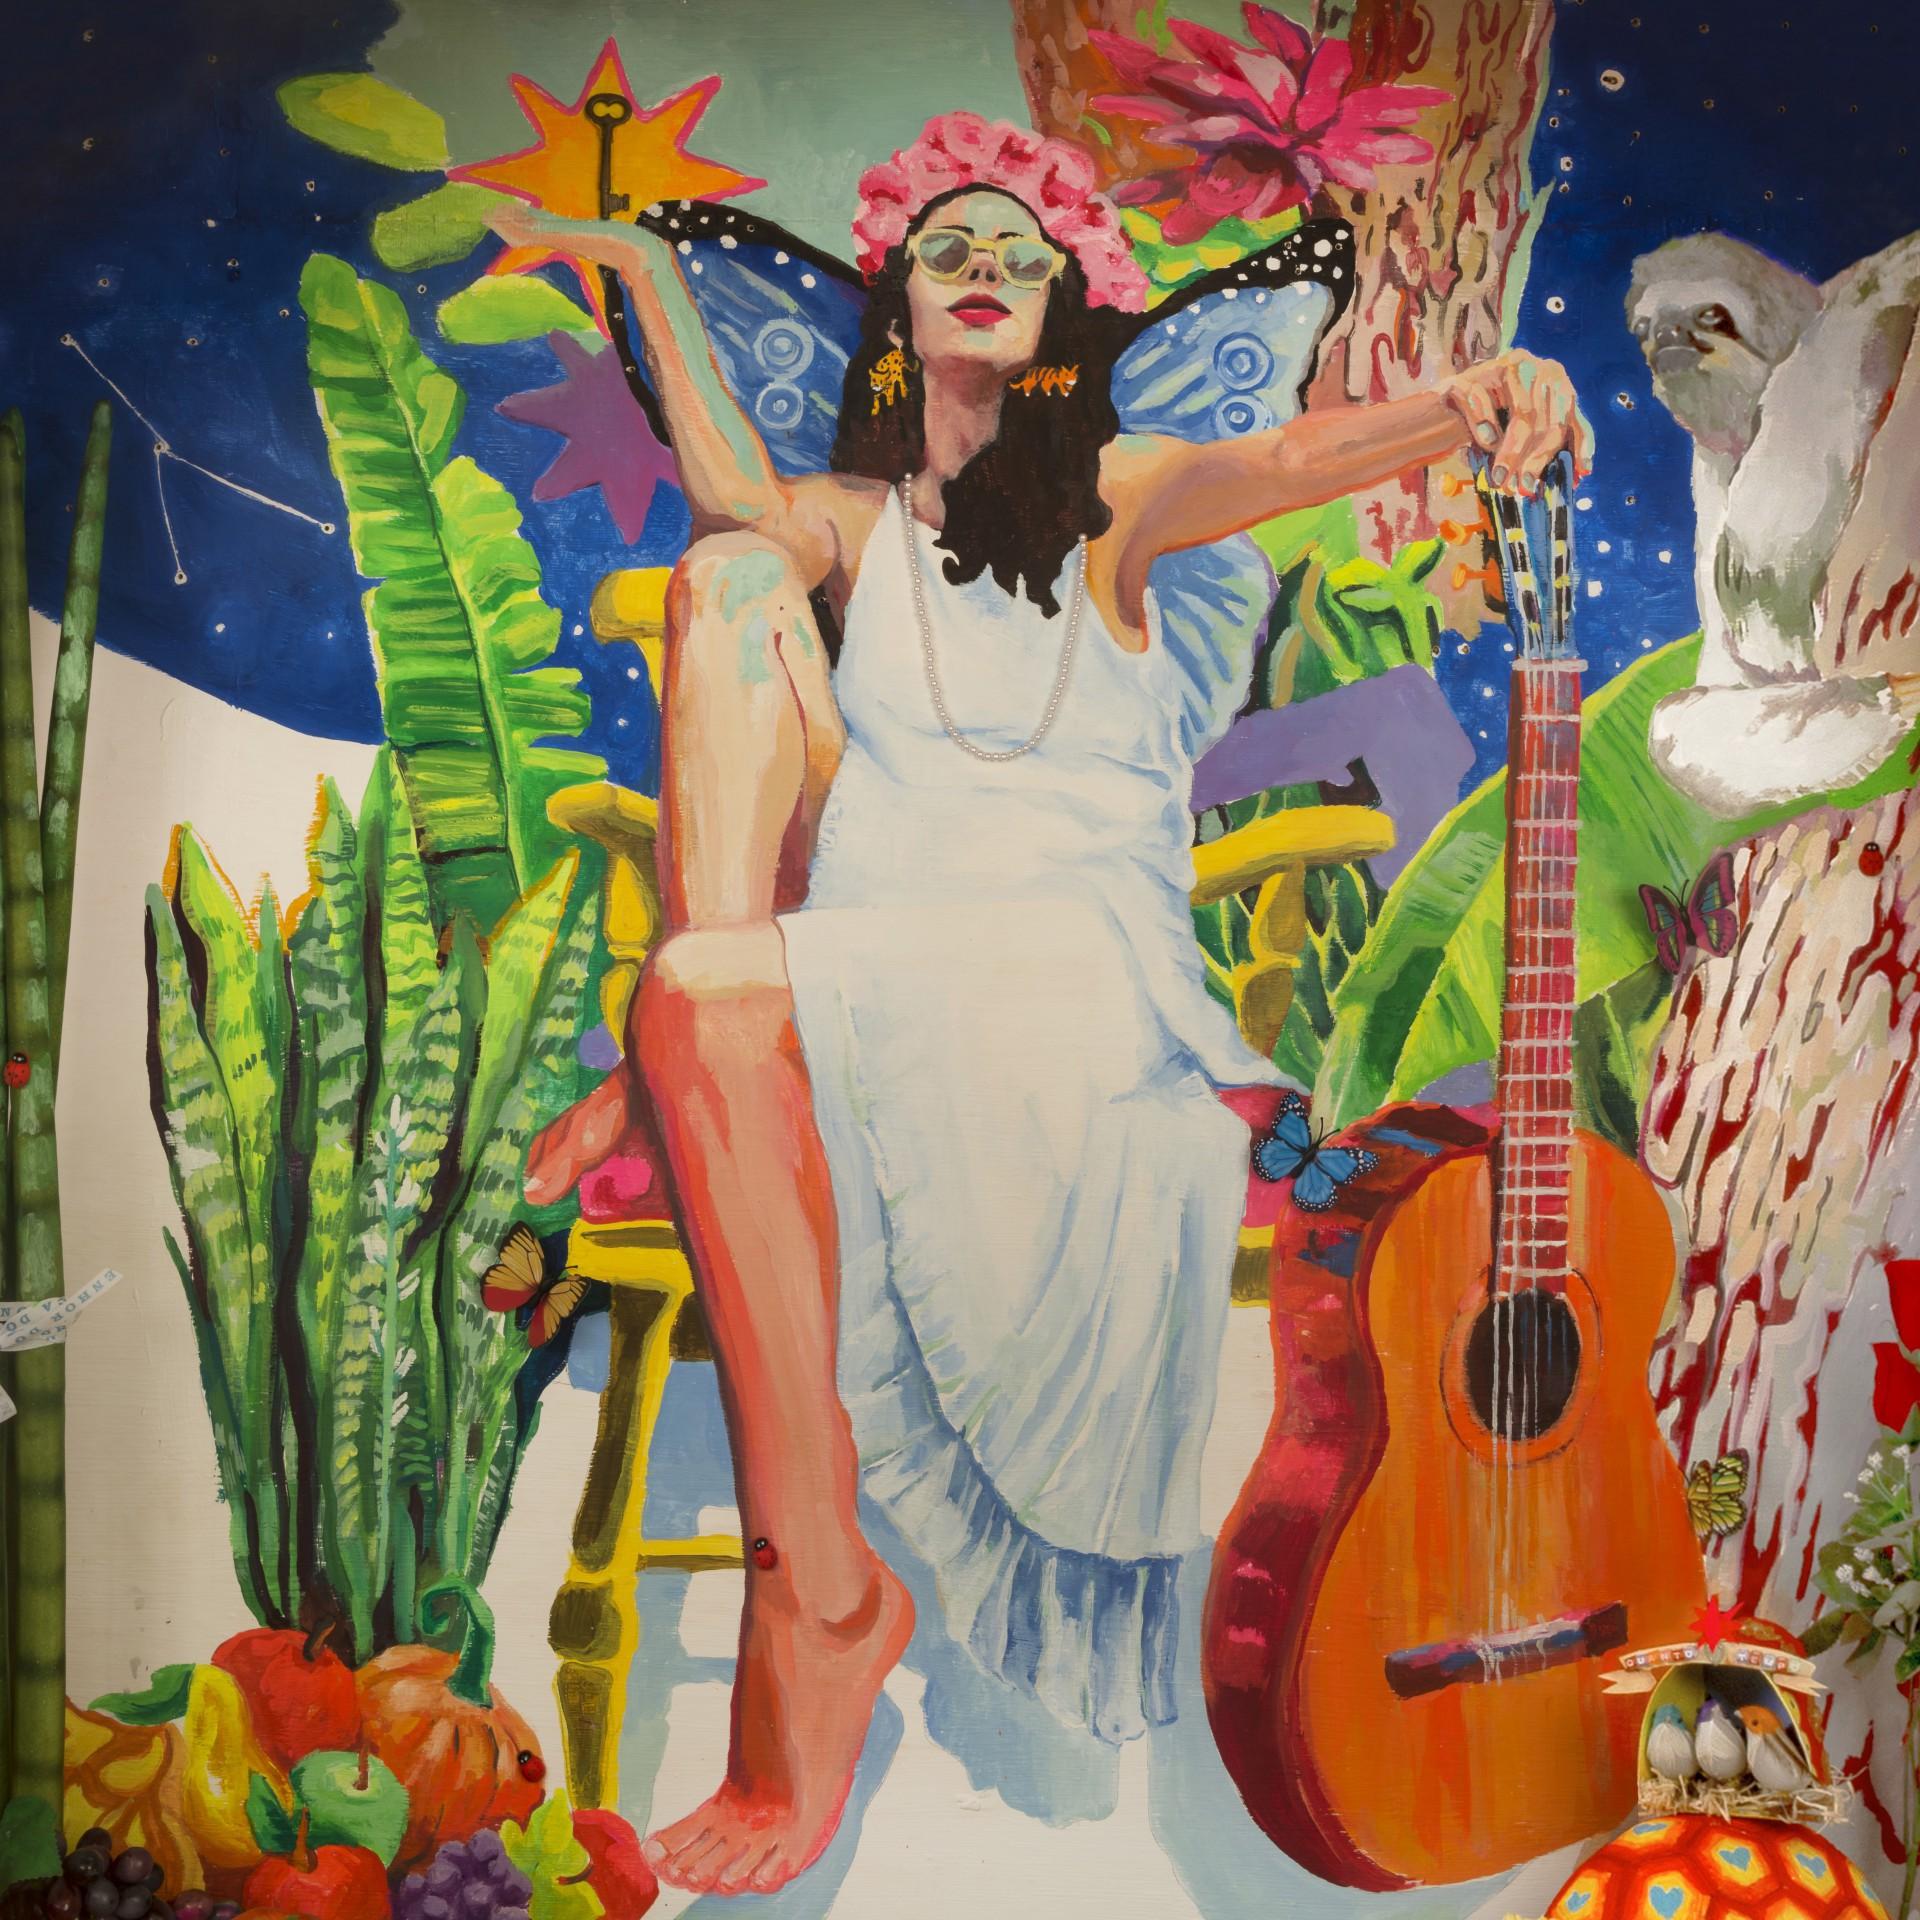 Capa do álbum 'Portas', com obra de Marcela Cantuária